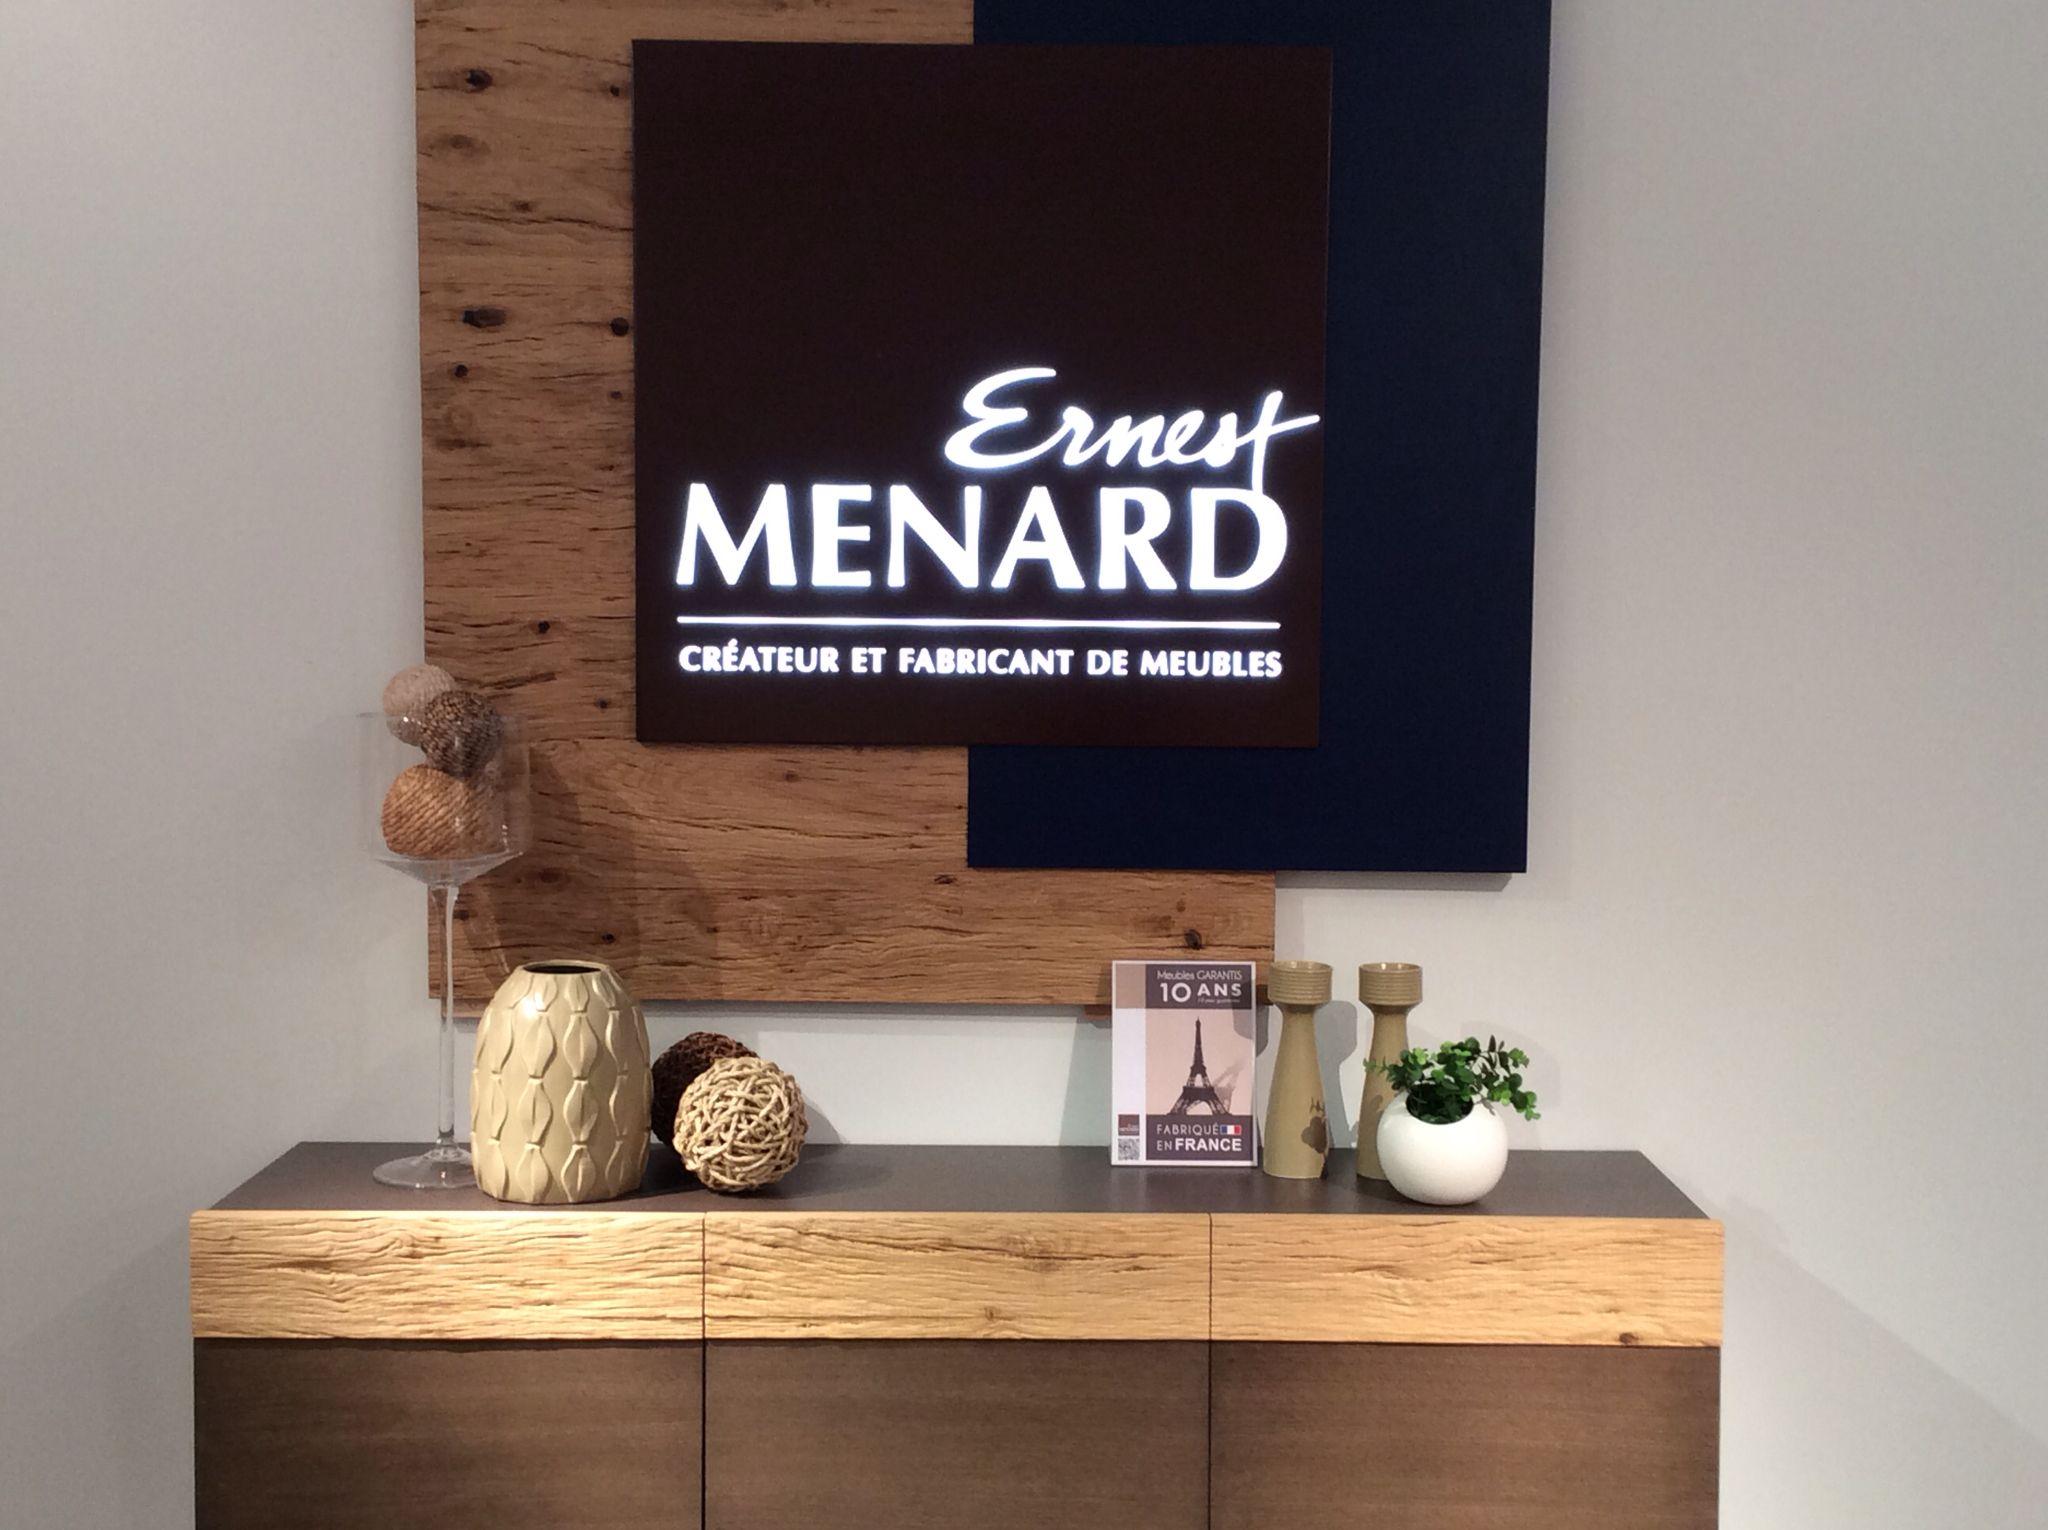 Meubles Ernest Menard Fabriques En France Mobilier De Salon Monsieur Meuble Meuble